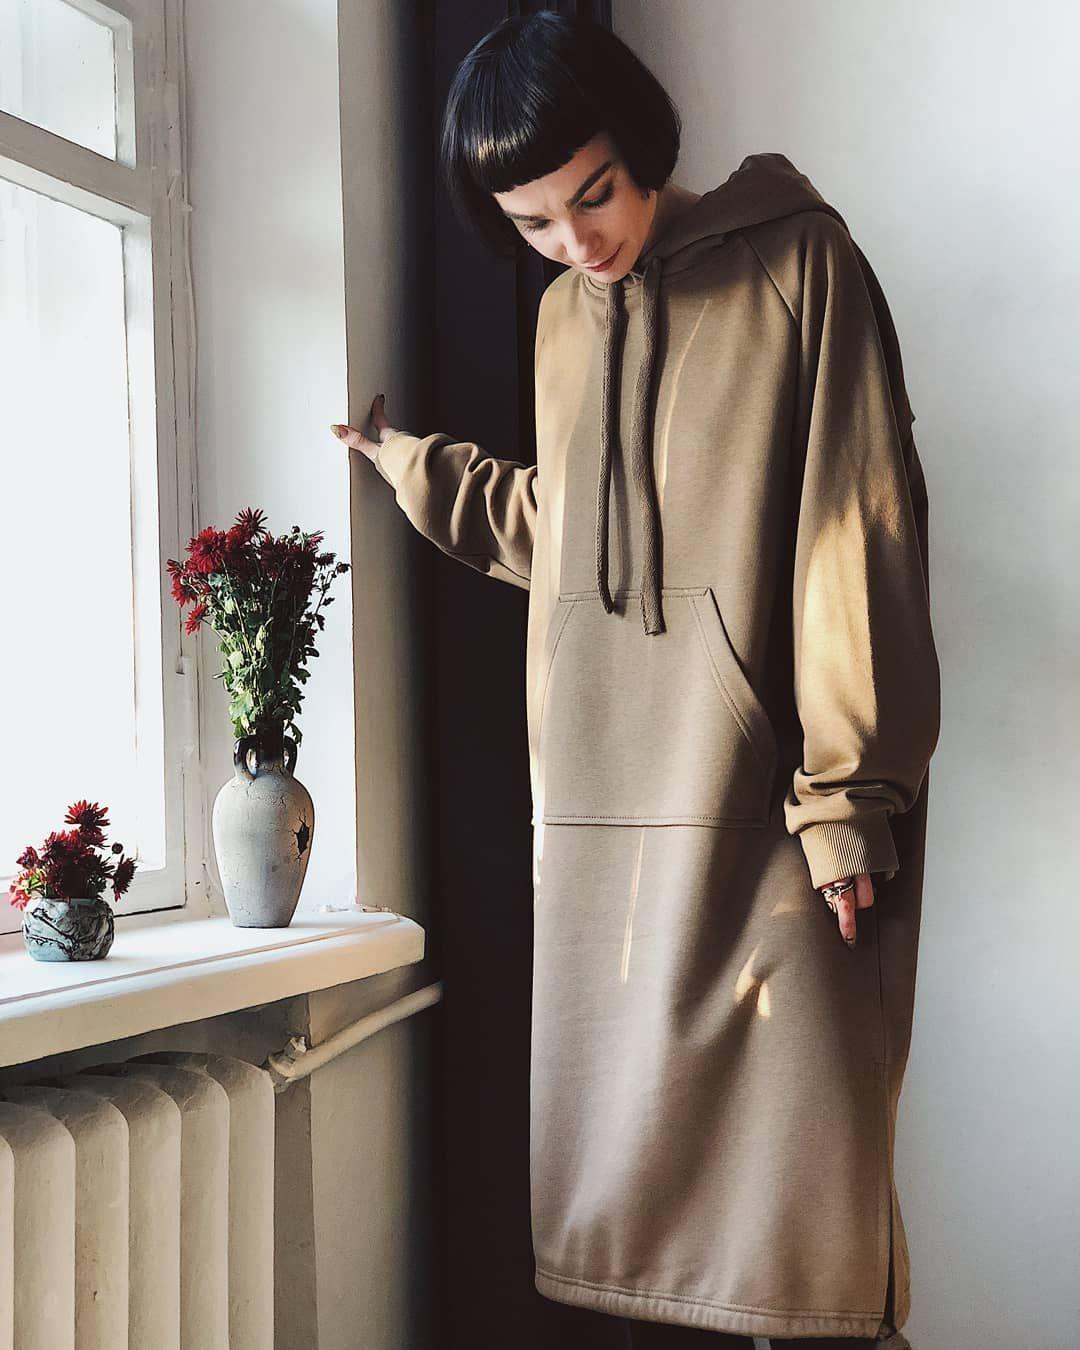 f2a8ddf7e27 Песочное платье худи - 1750 грн Dress hoodie -   105  хочусебетакое   хочусебетакое